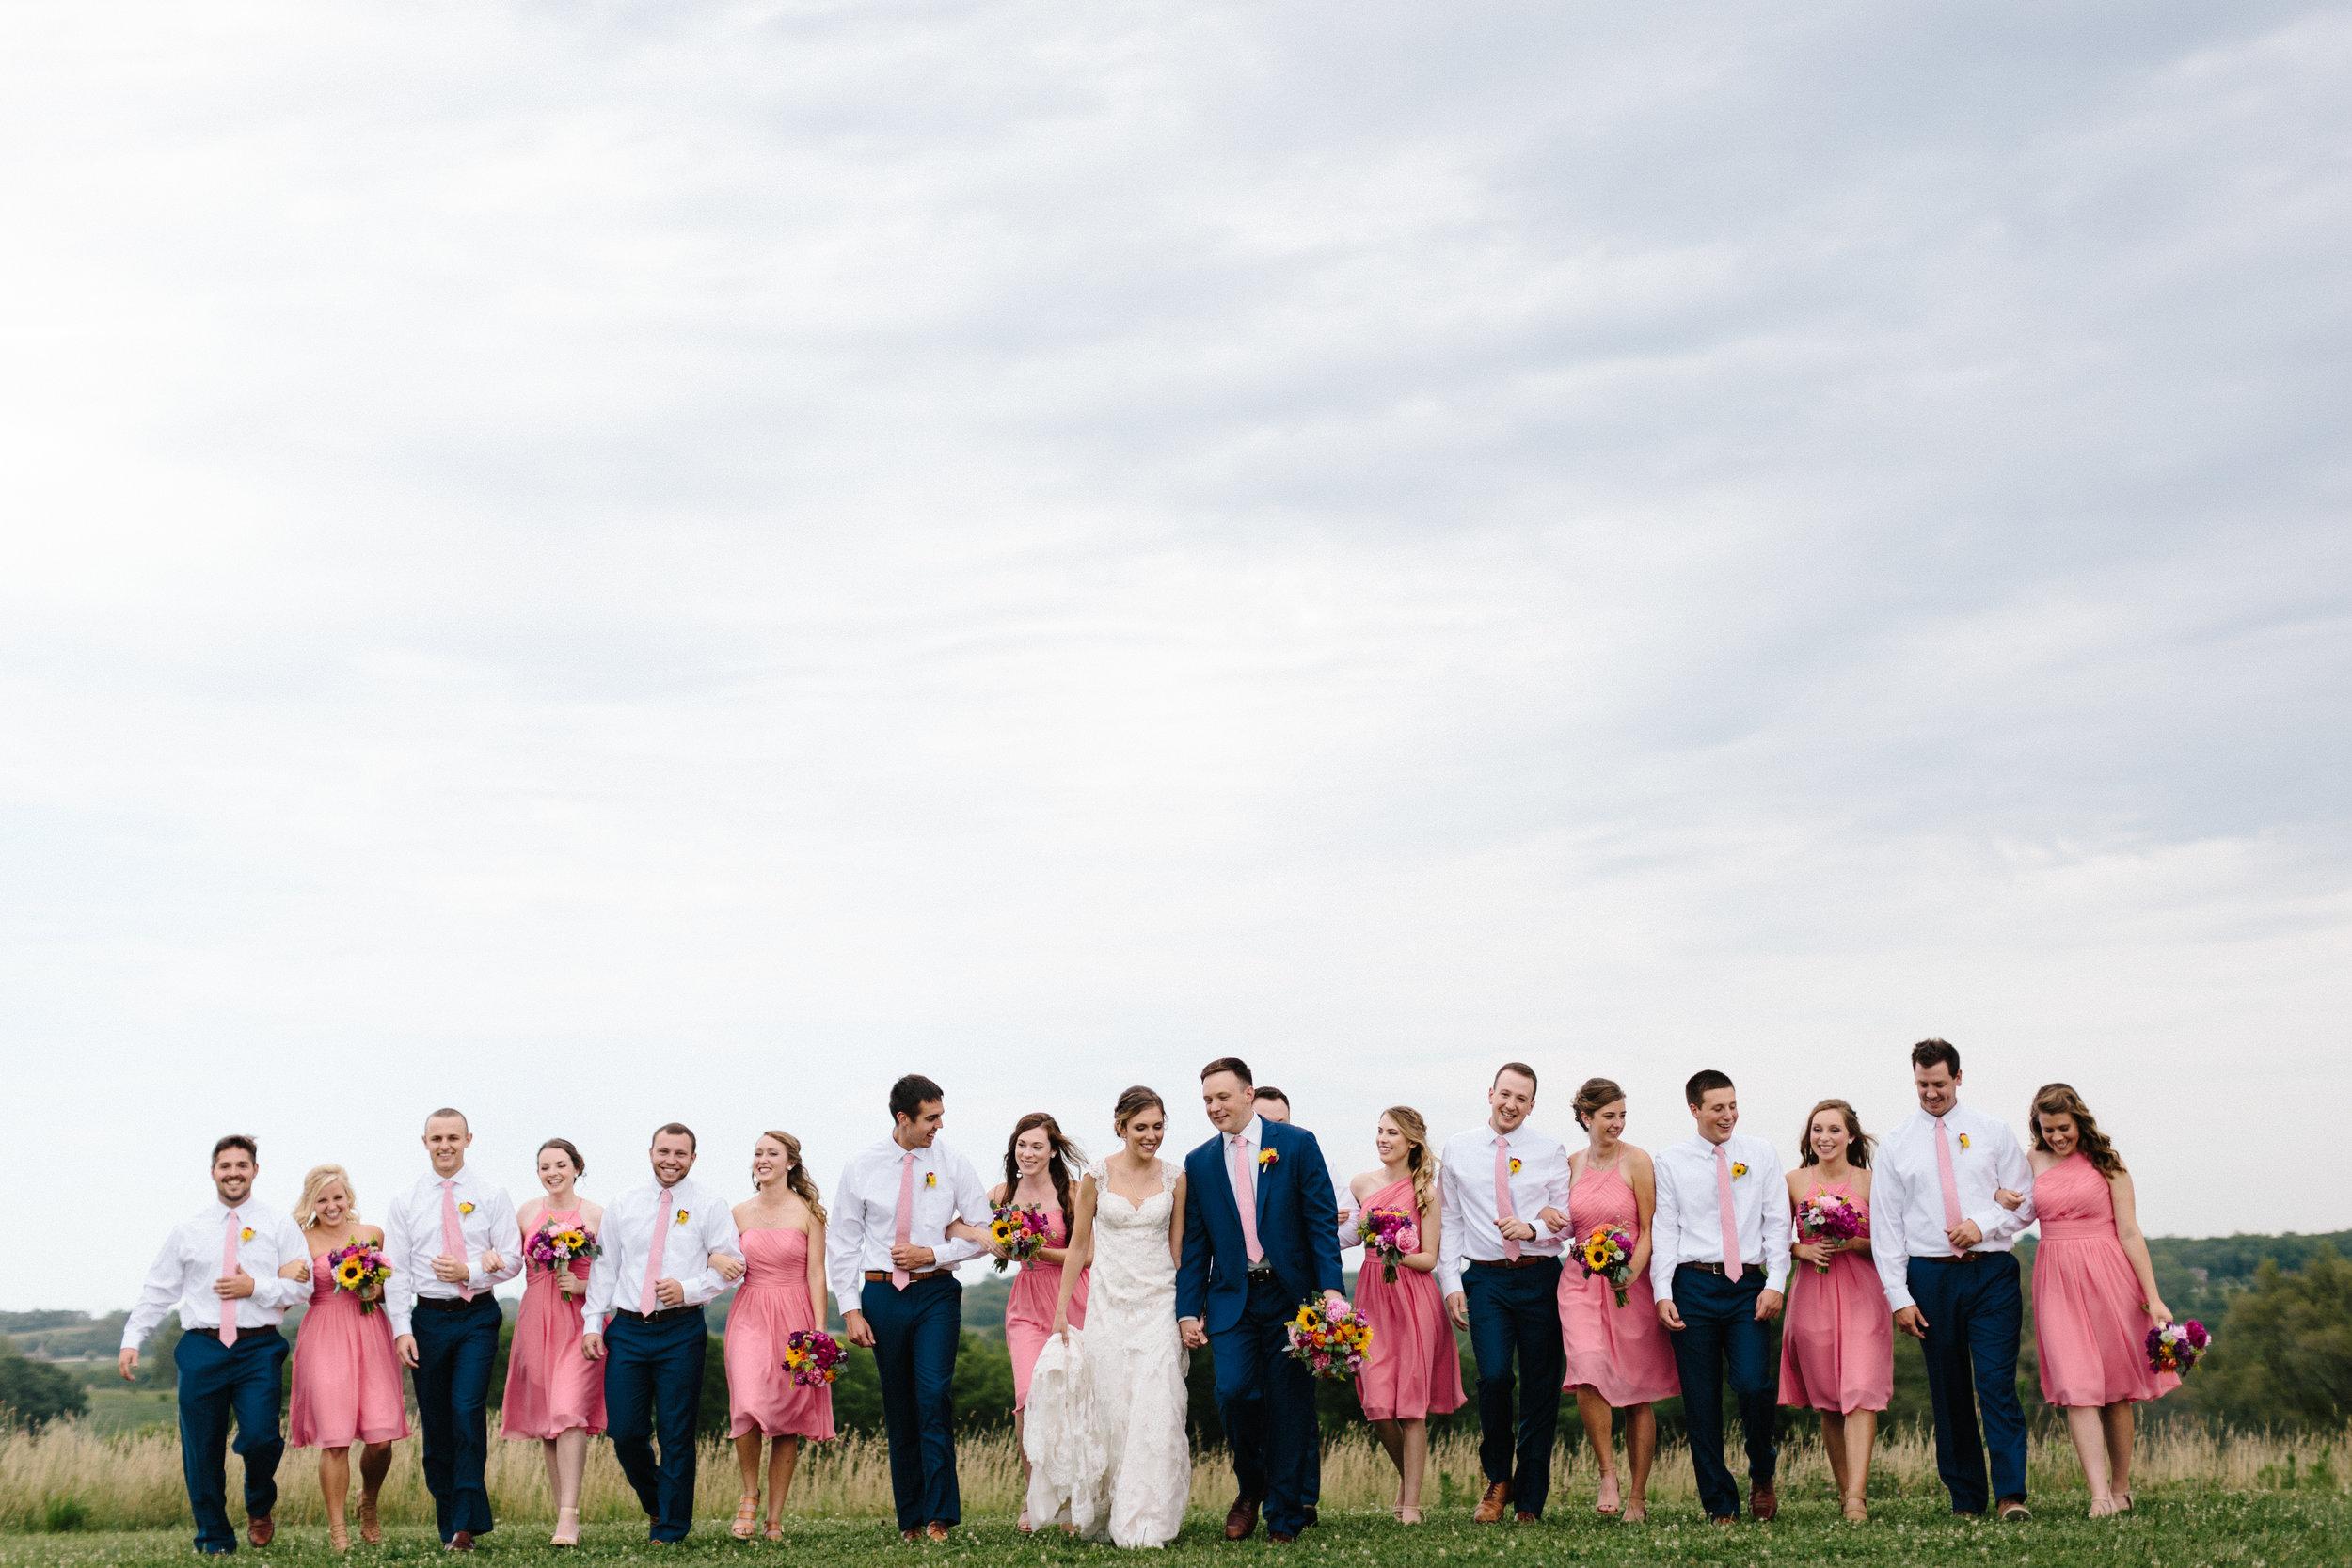 alyssa barletter photography weston missouri bright summer wedding allie and alex cole-15.jpg